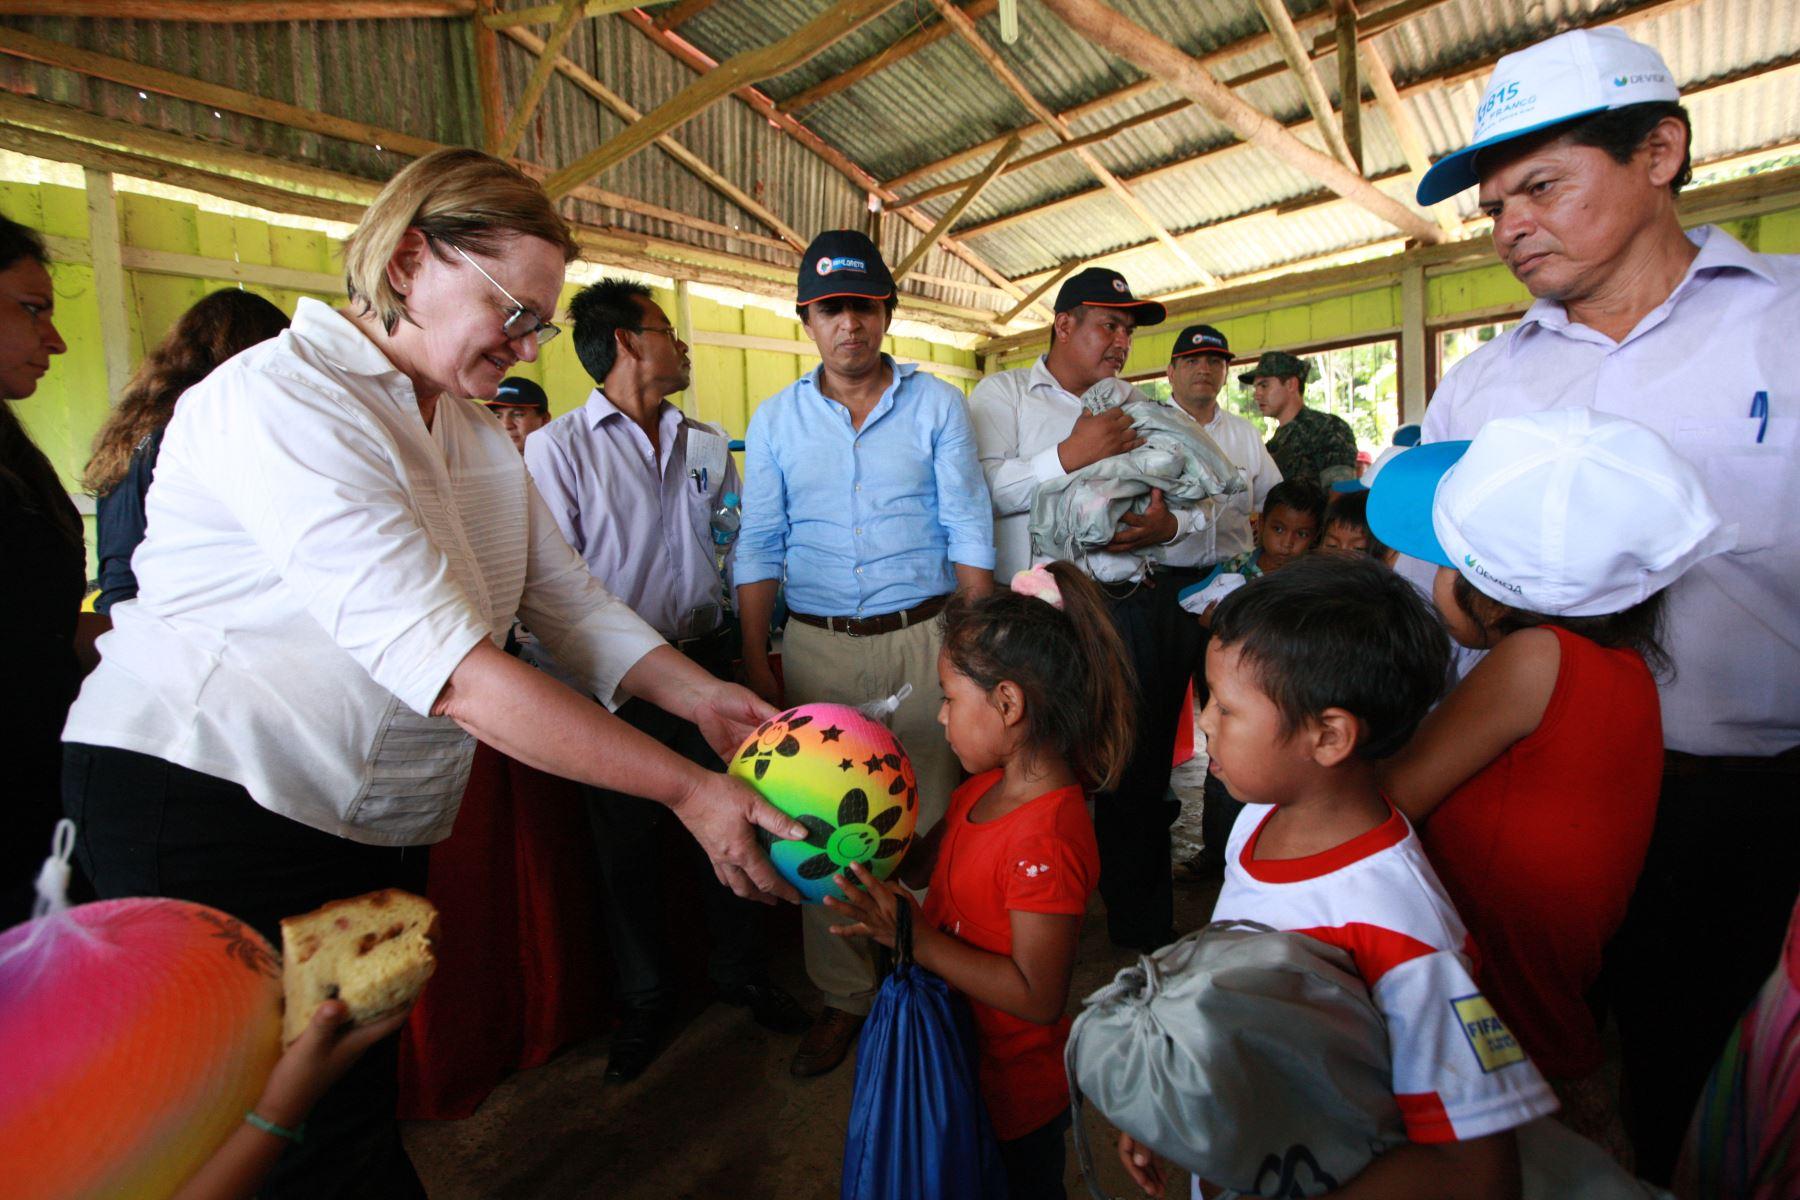 Nancy Lange, esposa del presidente Pedro Pablo Kuczynski, canalizó hoy la entrega de mobiliario, ropa, zapatillas, tanques de agua, implementos de cocina y regalos a dos instituciones educativas de la comunidad de Santa Cruz, en la provincia de Nauta, en Iquitos. Foto: ANDINA/Dante Zegarra